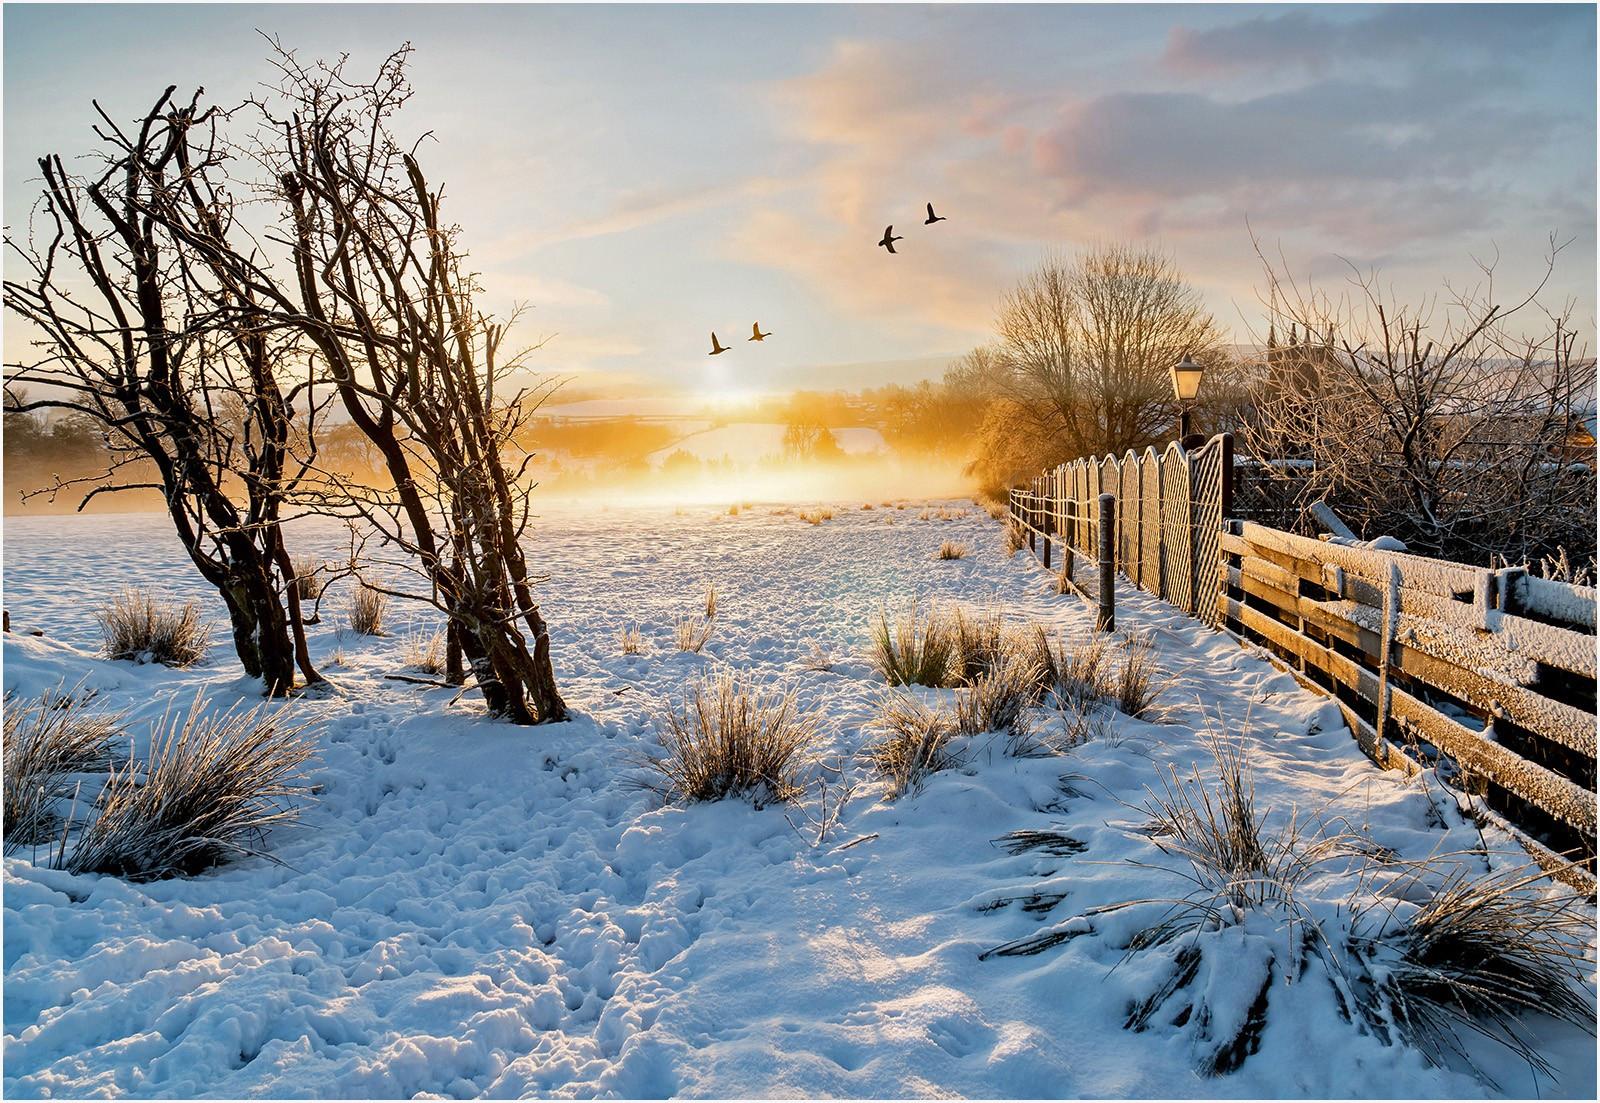 8. Frosty misty sunrise